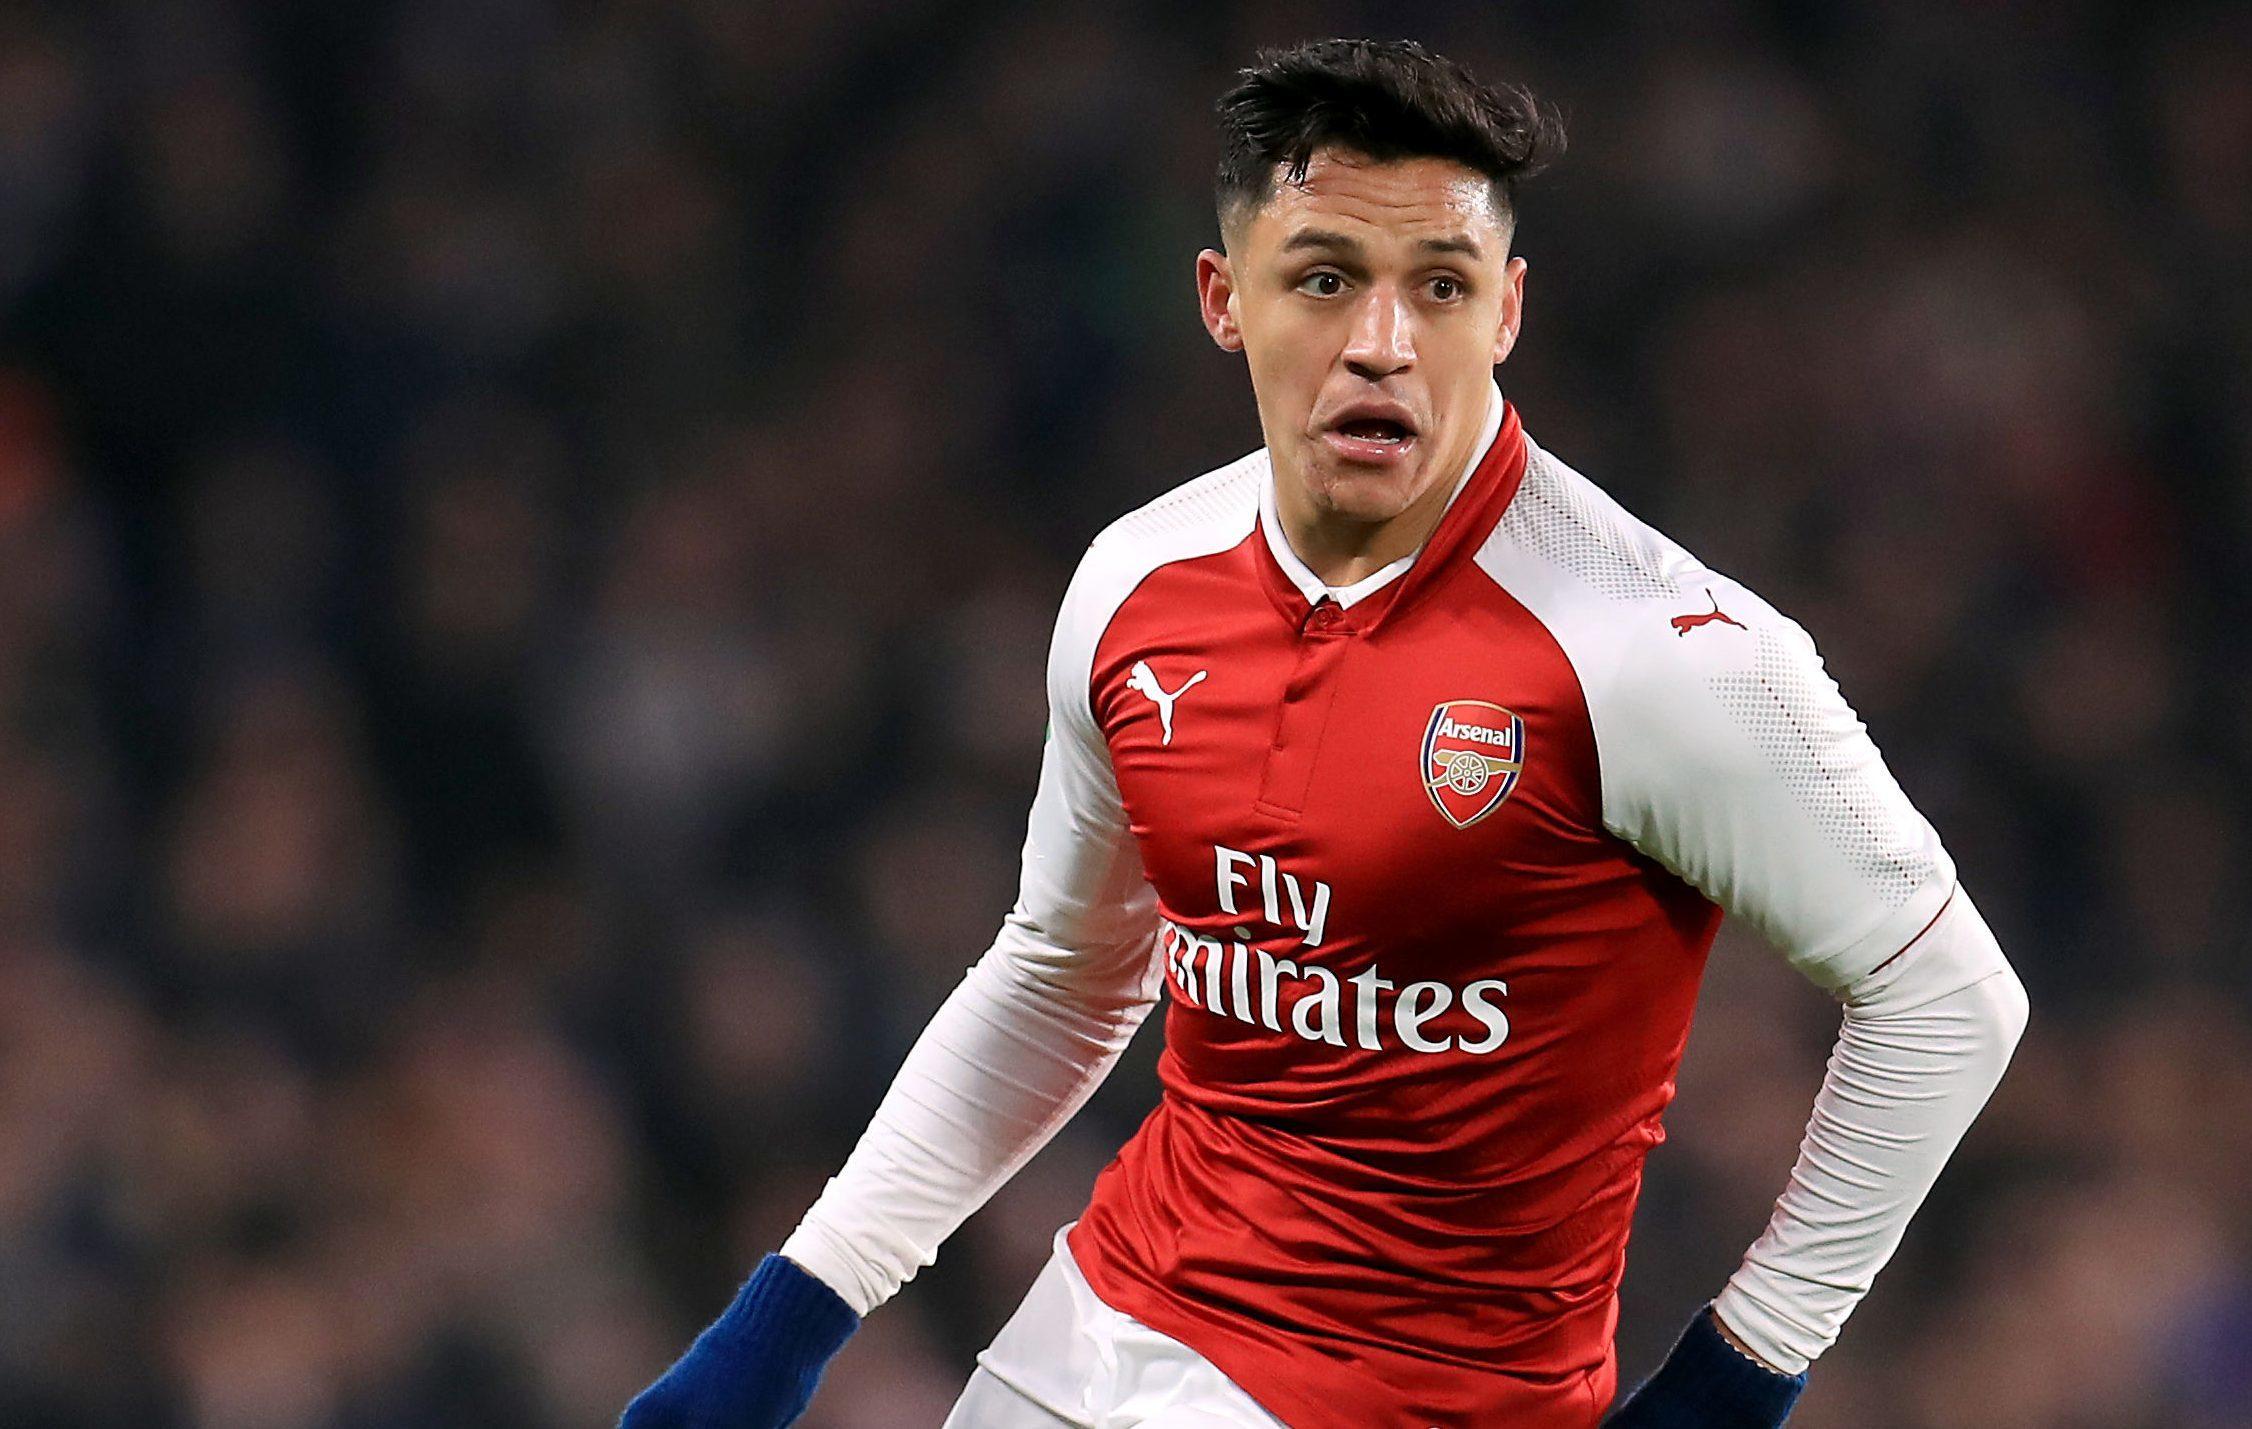 Arsenal's Alexis Sanchez (Mike Egerton/PA Wire)